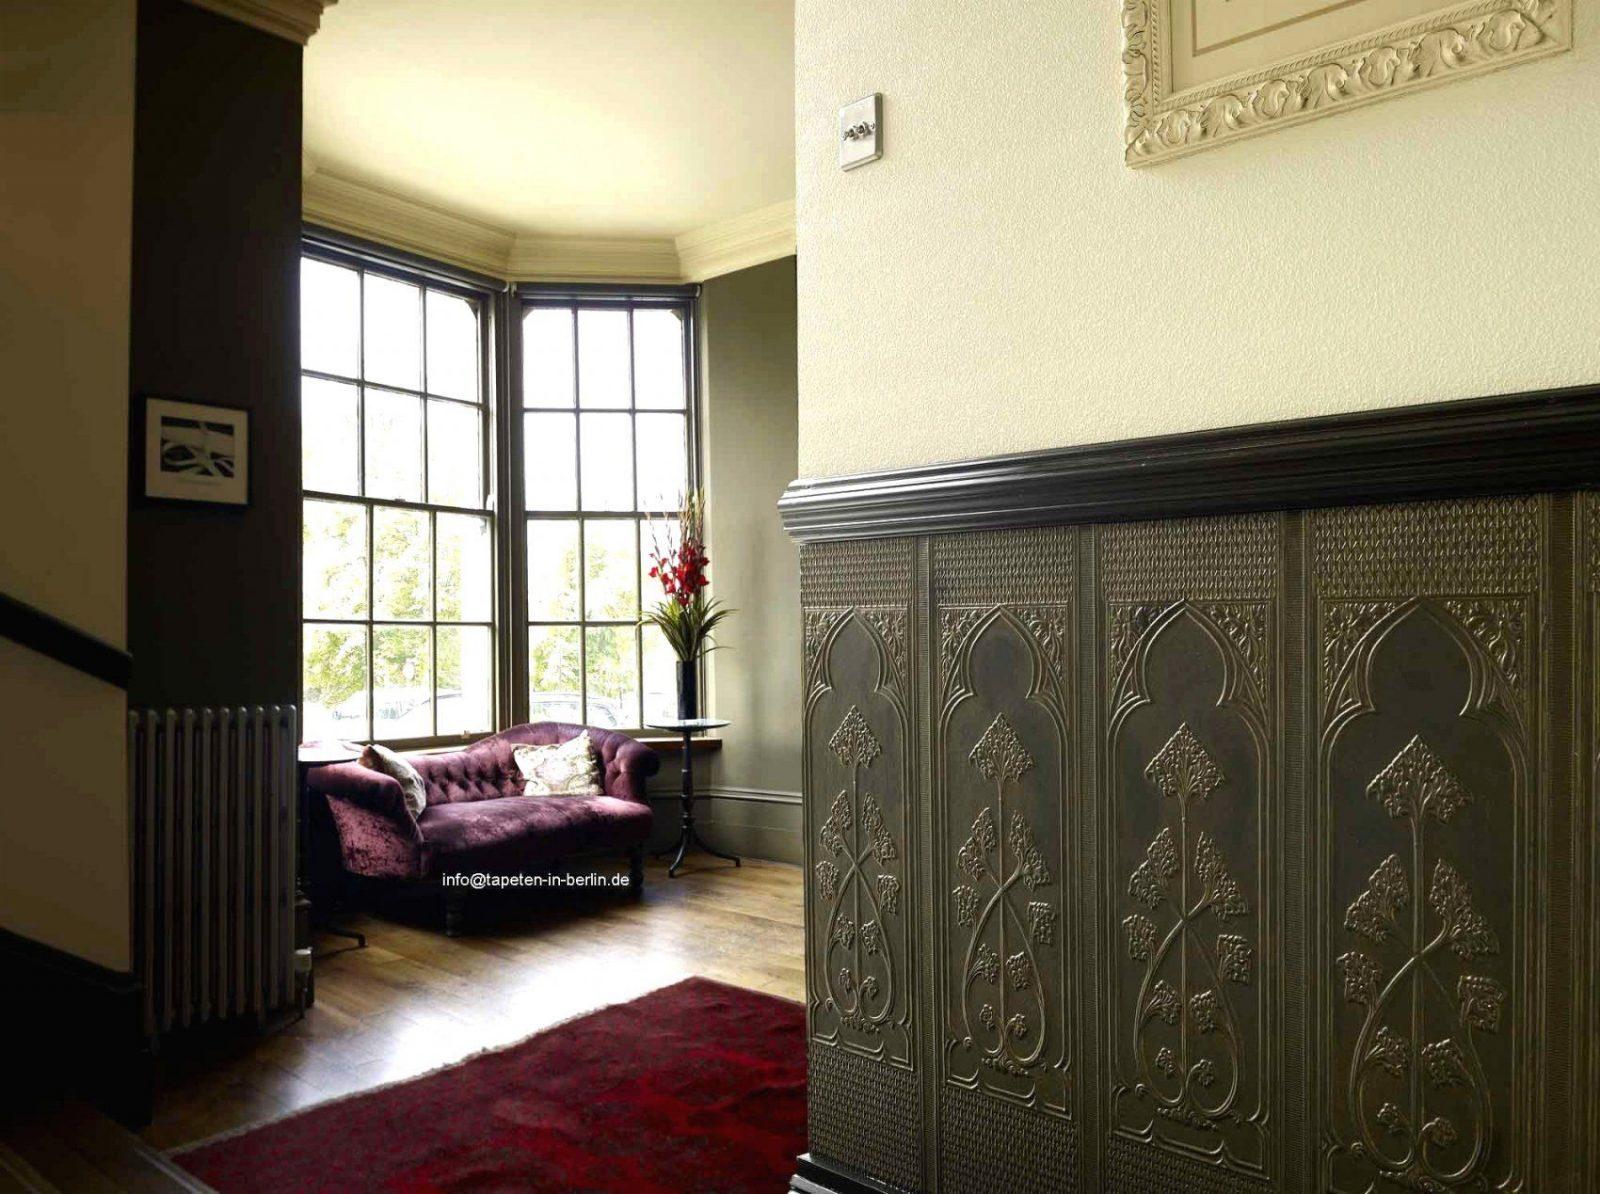 Unglaubliche Inspiration Tapeten Flur Treppenhaus Und Angenehme von Tapeten Für Den Flurbereich Photo